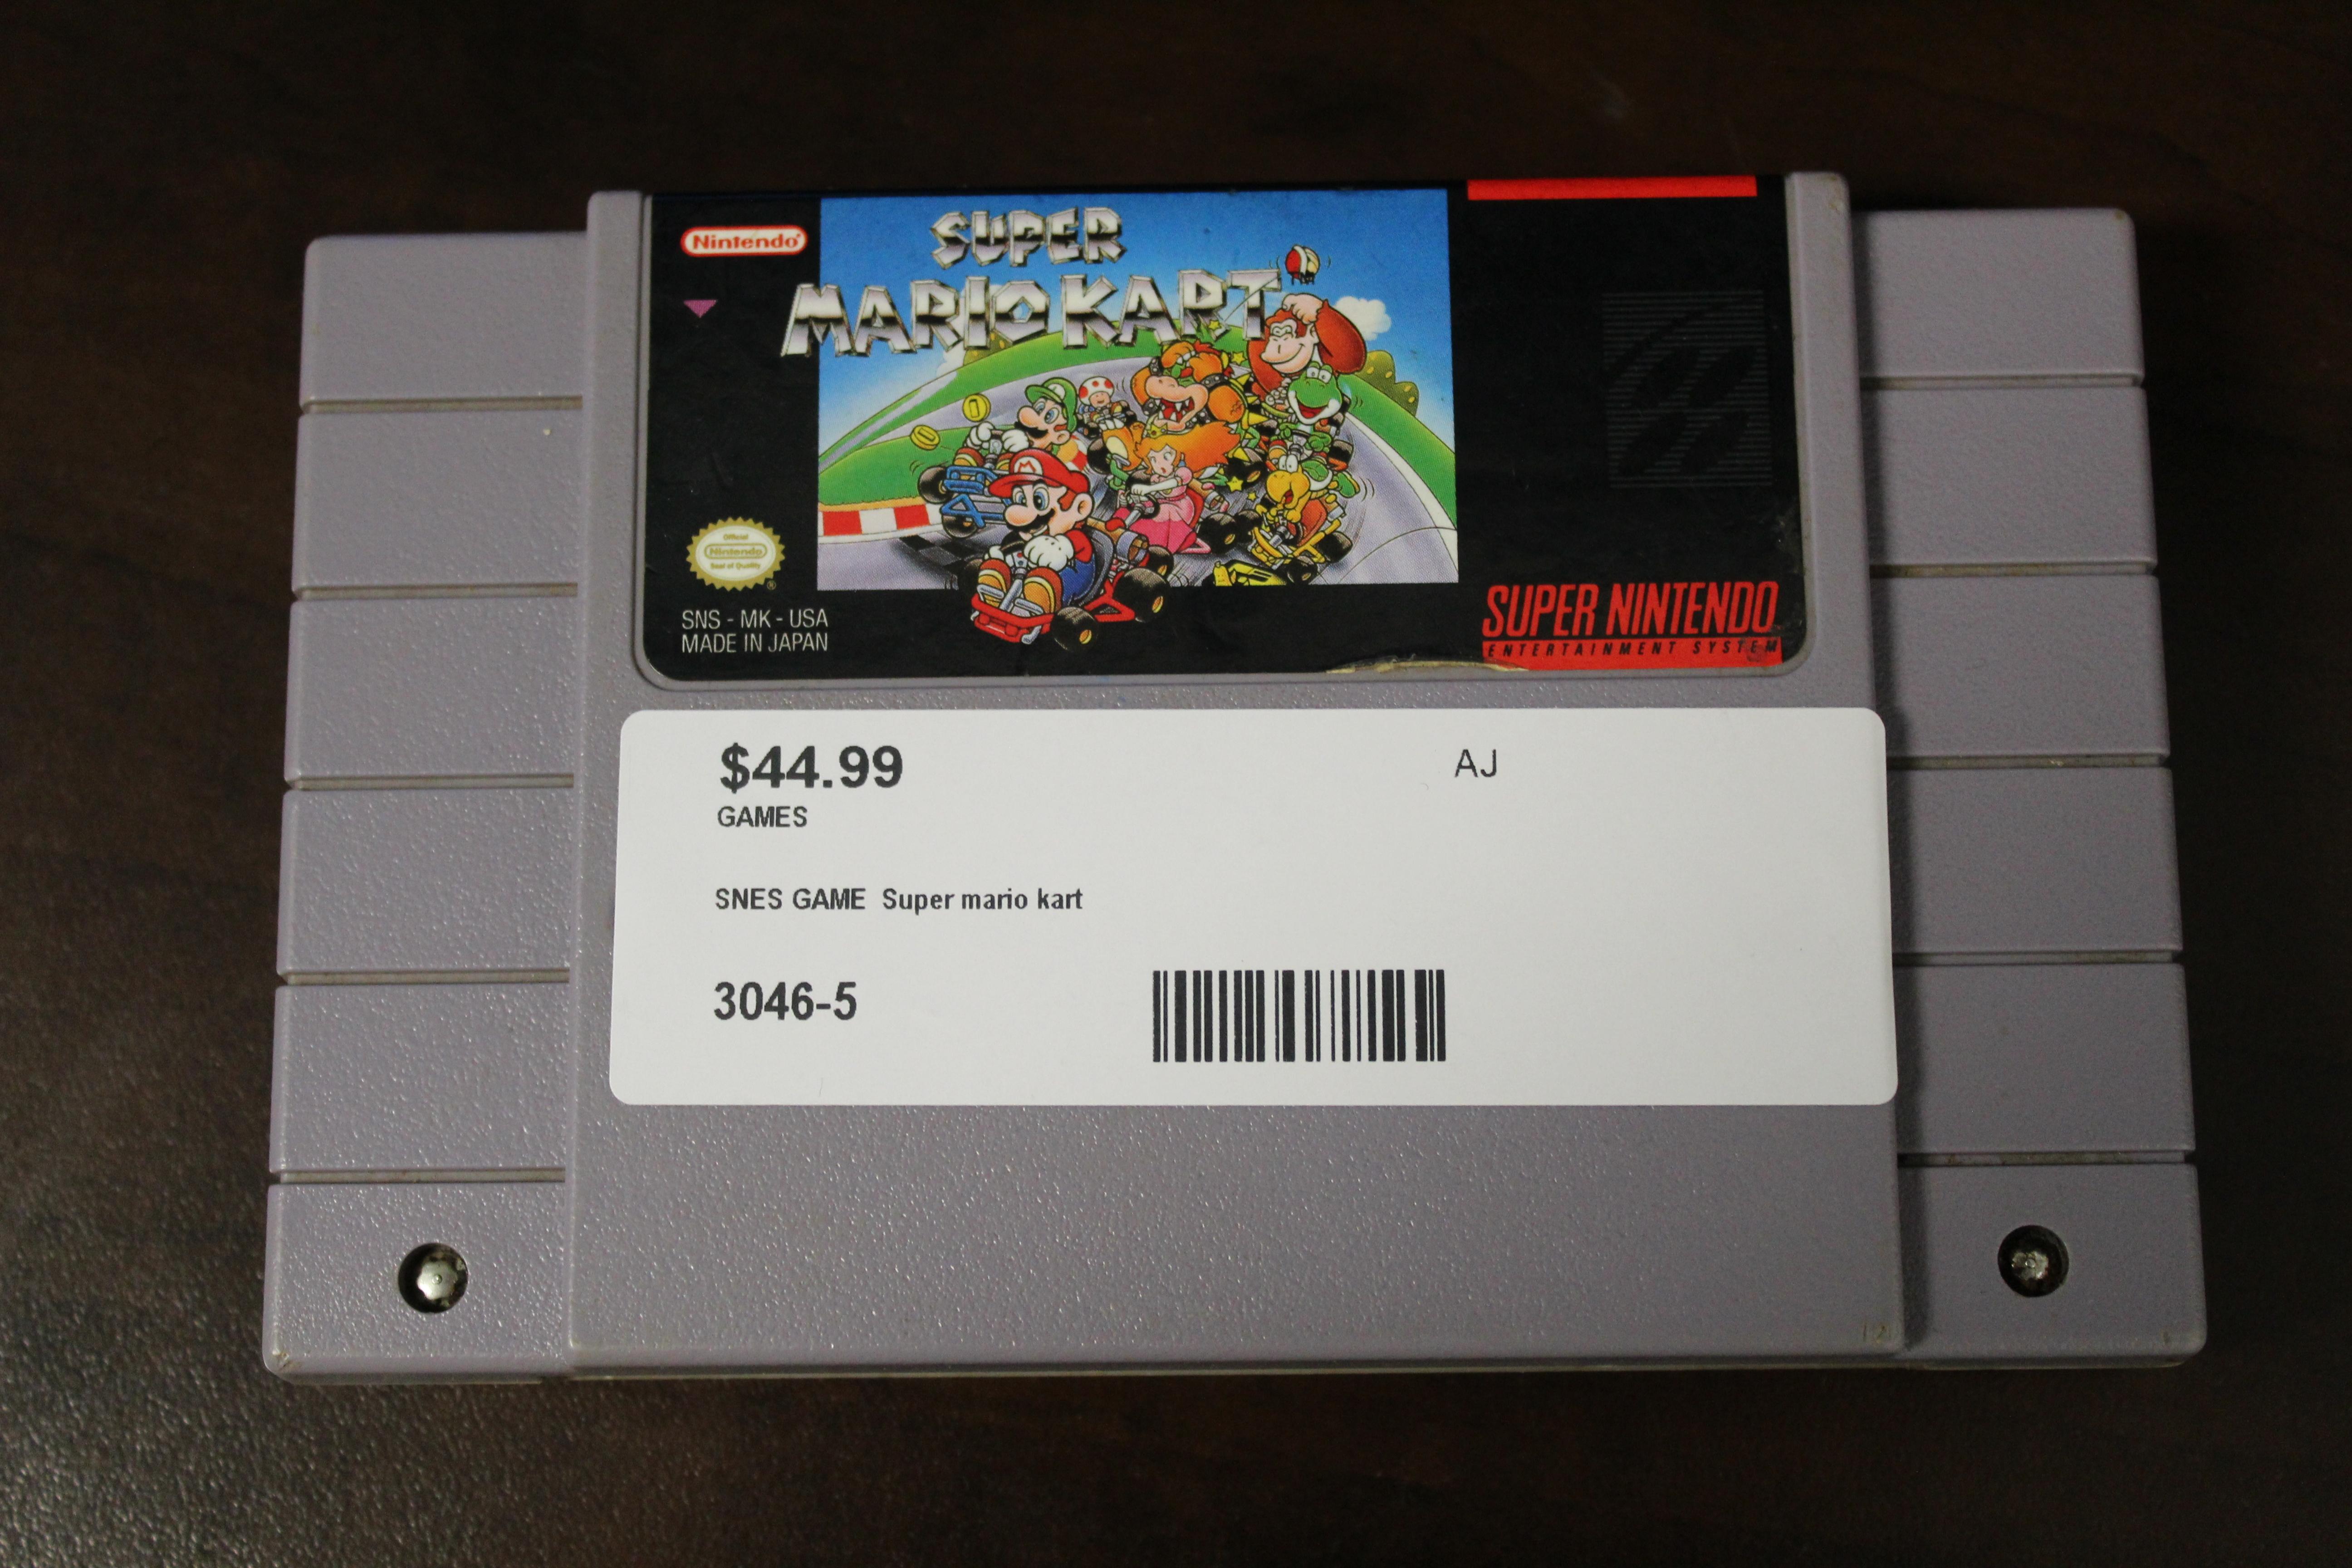 SNES Game Super Mario Kart